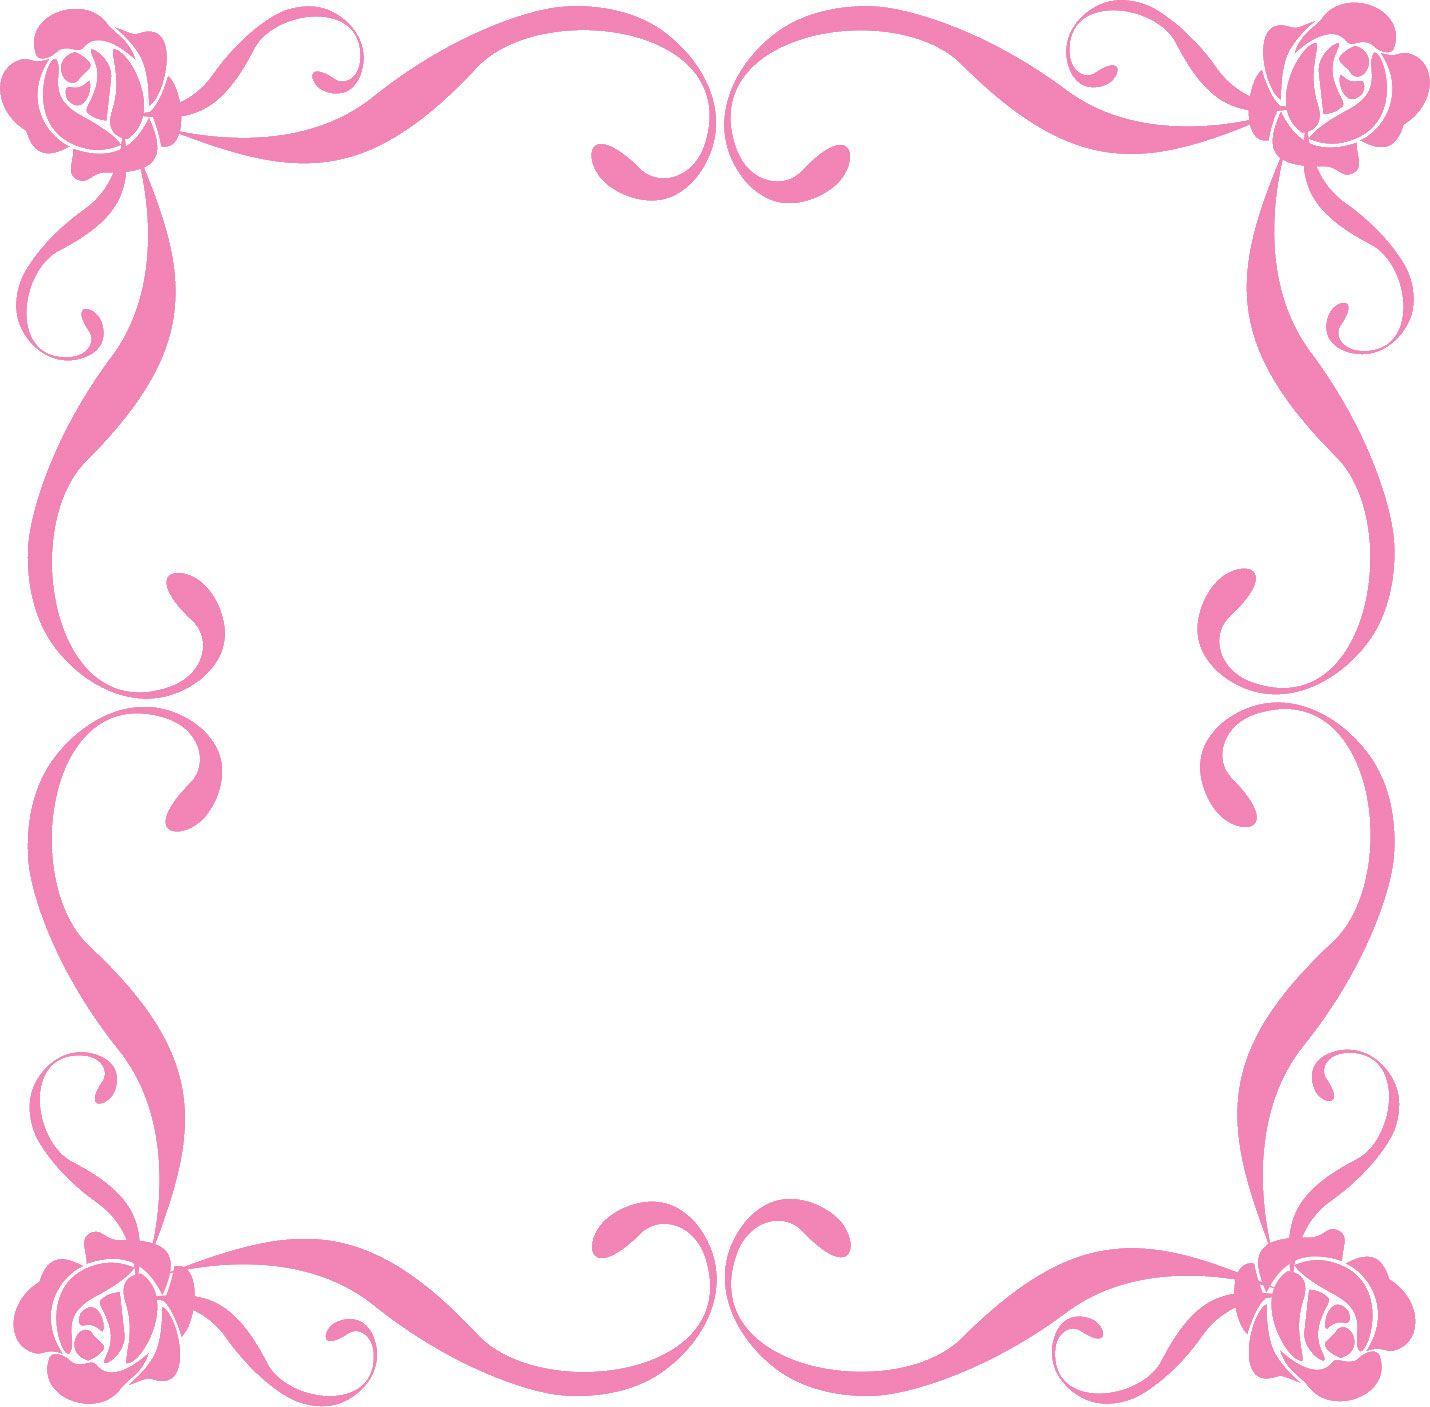 画像サンプル-ピンクのバラ・ポップ | ramar ( frame ) | pinterest